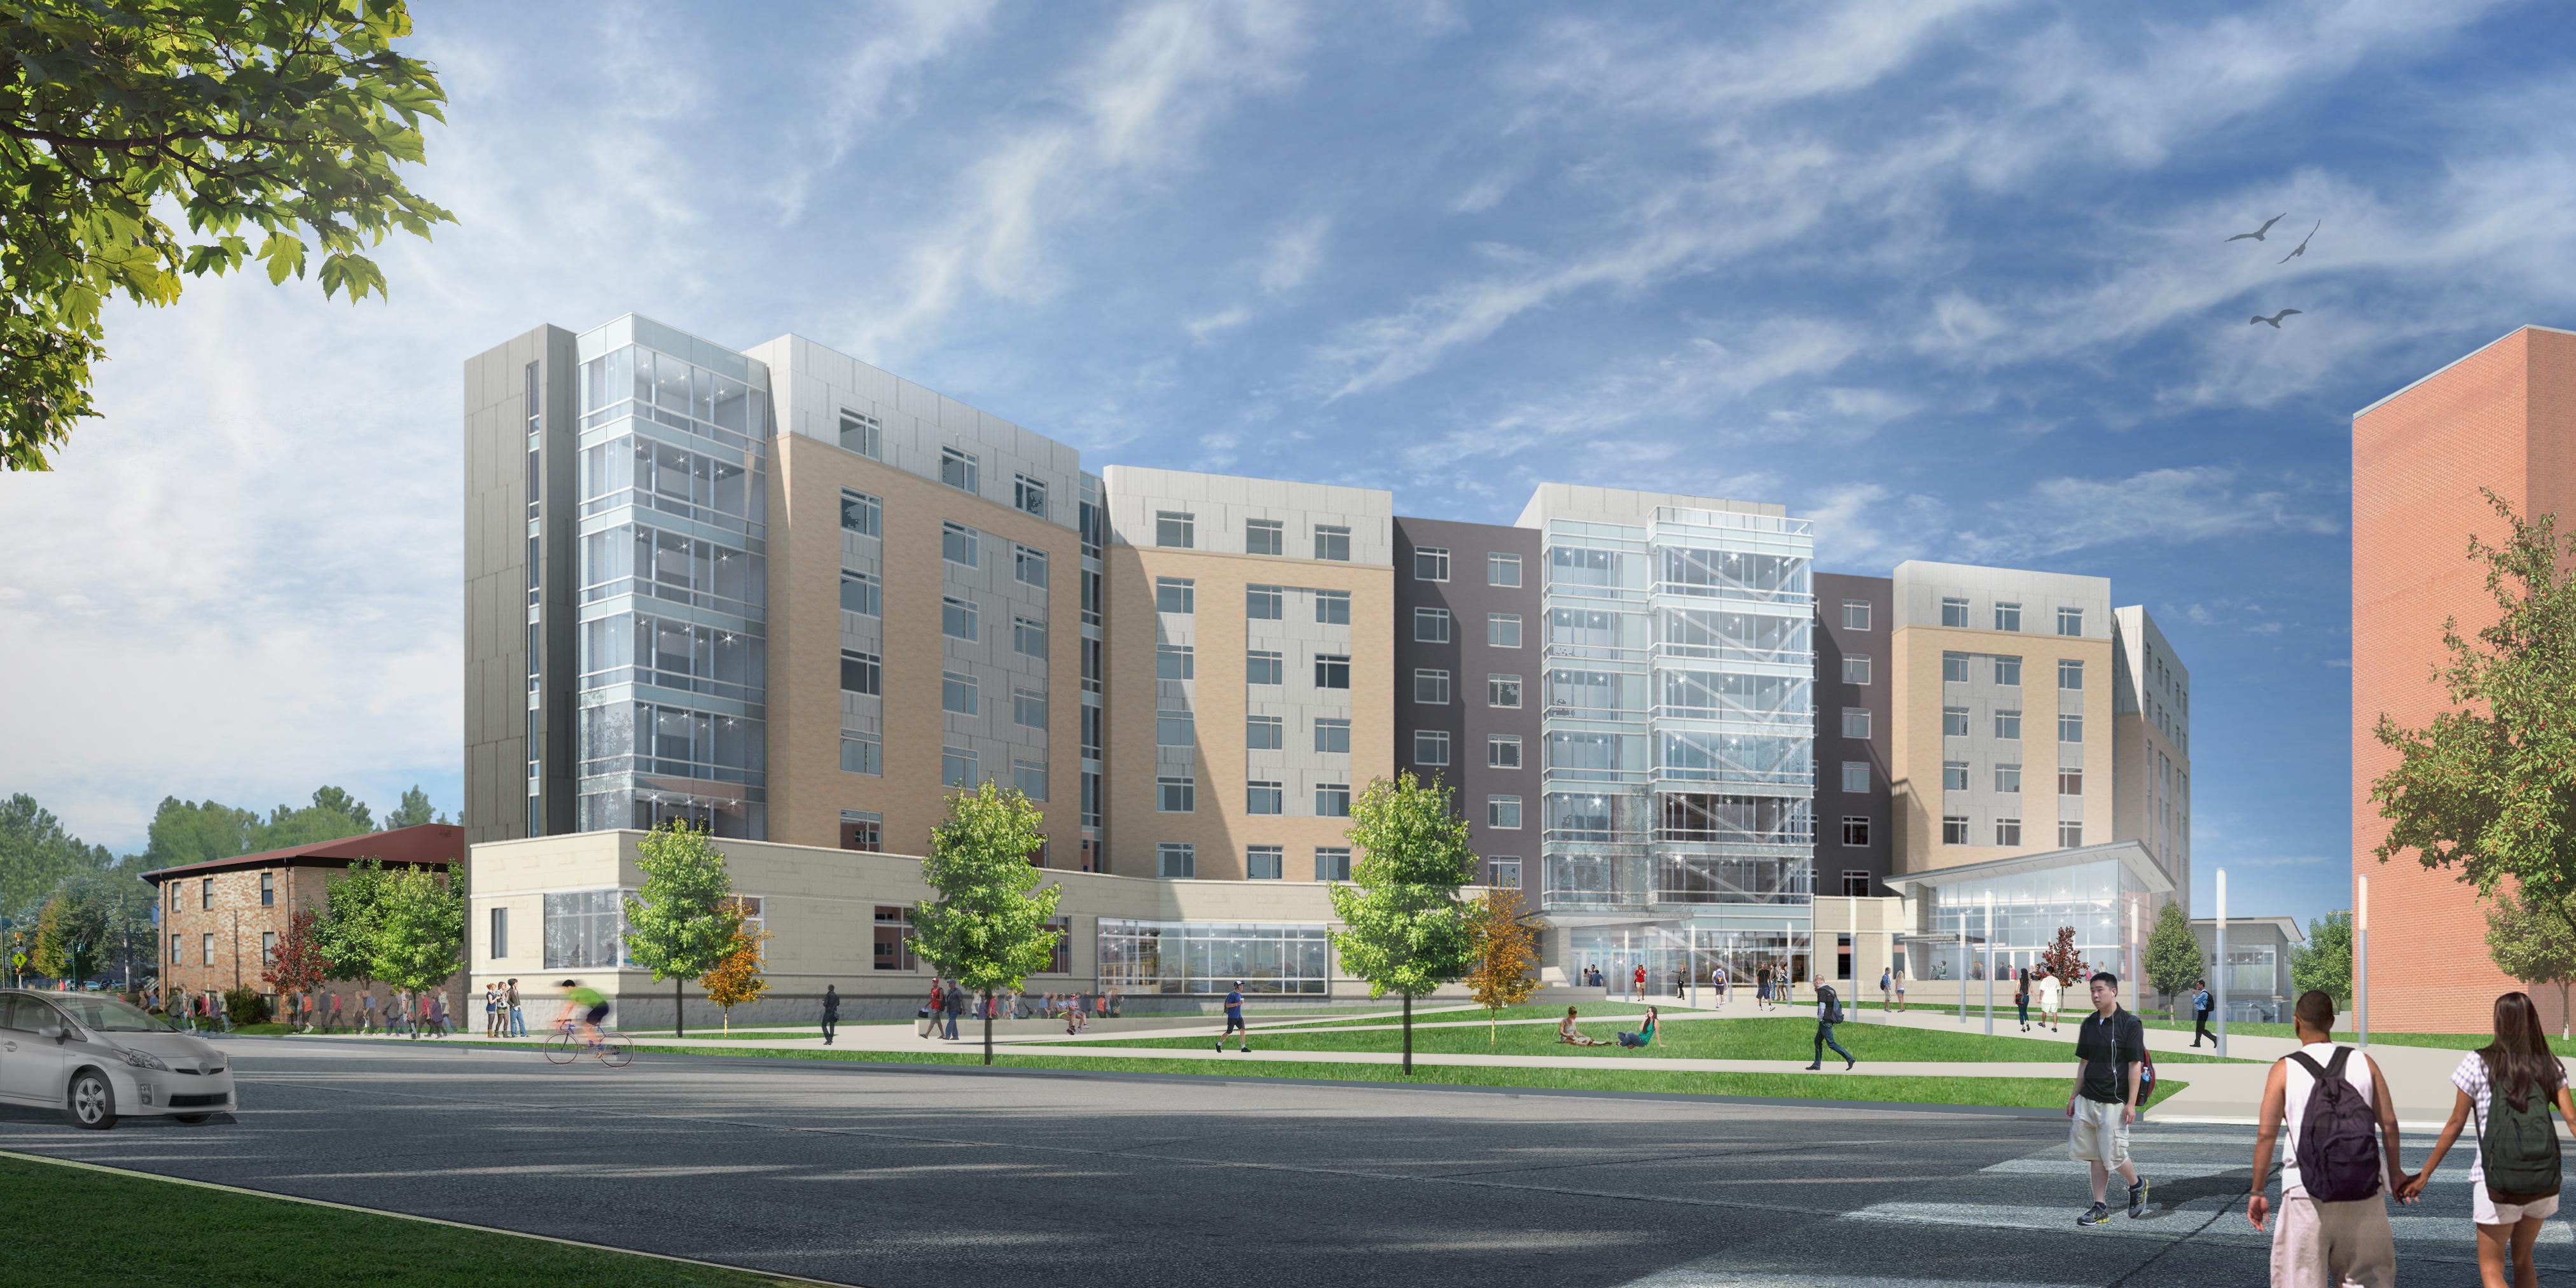 Denison University Football >> University names new residence hall for former president Jon Wefald   Kansas State University ...